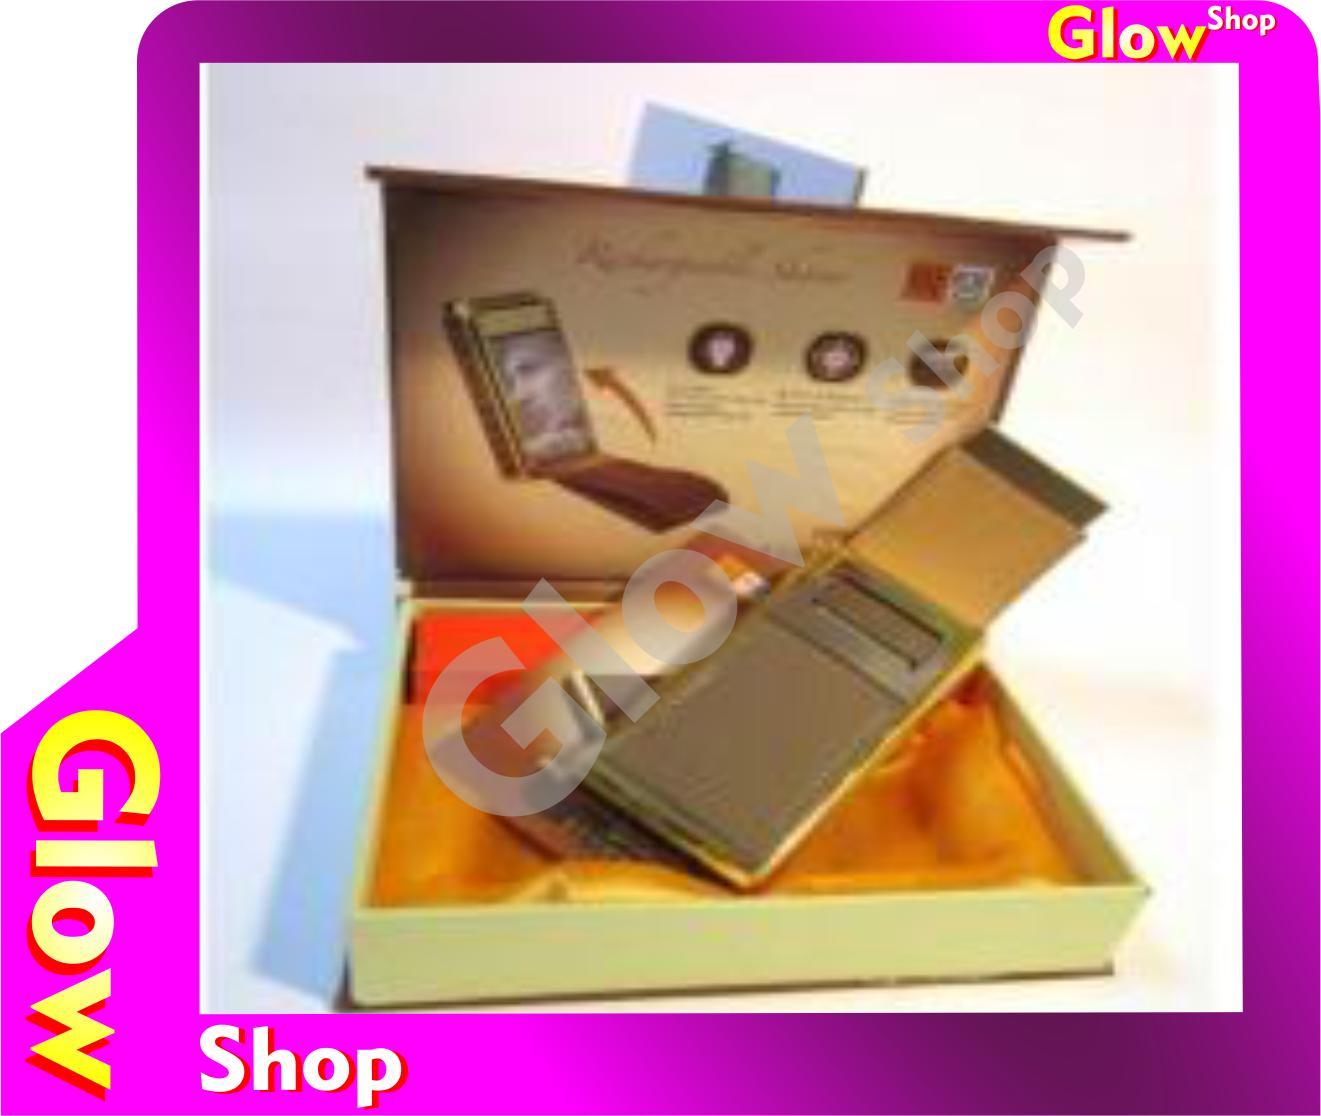 Boteng Shaveralat Pencukur Kumis Dan Janggut Daftar Harga Terbaik Alat Cukur Jenggot Eboli Hd009 Shaver